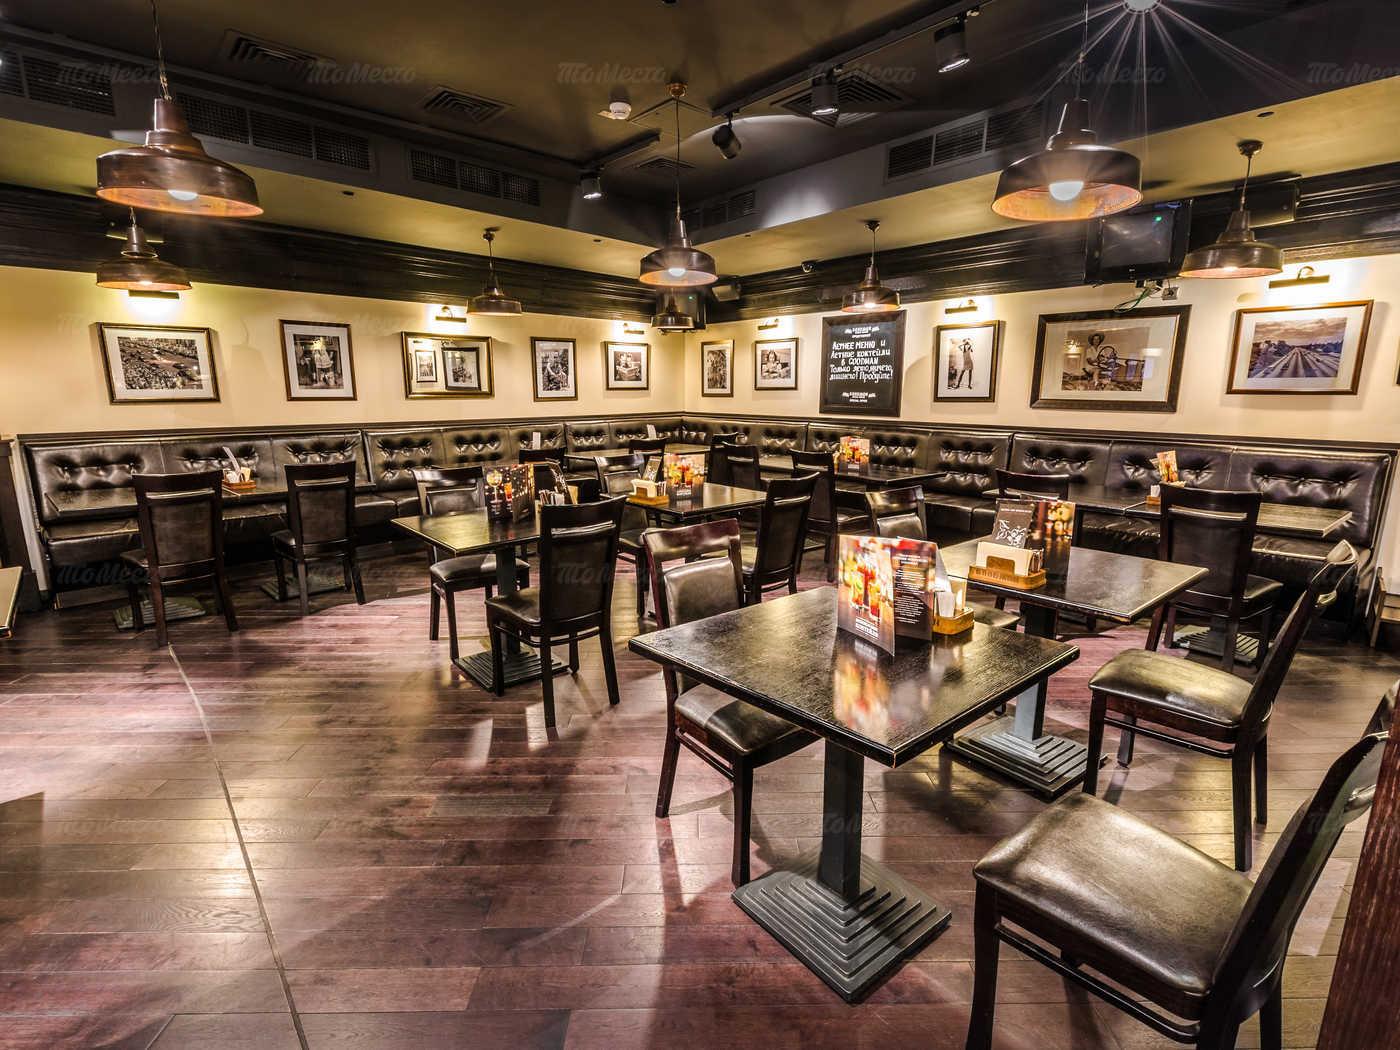 Меню ресторана, стейка-хауса Goodman на Пресненской набережной